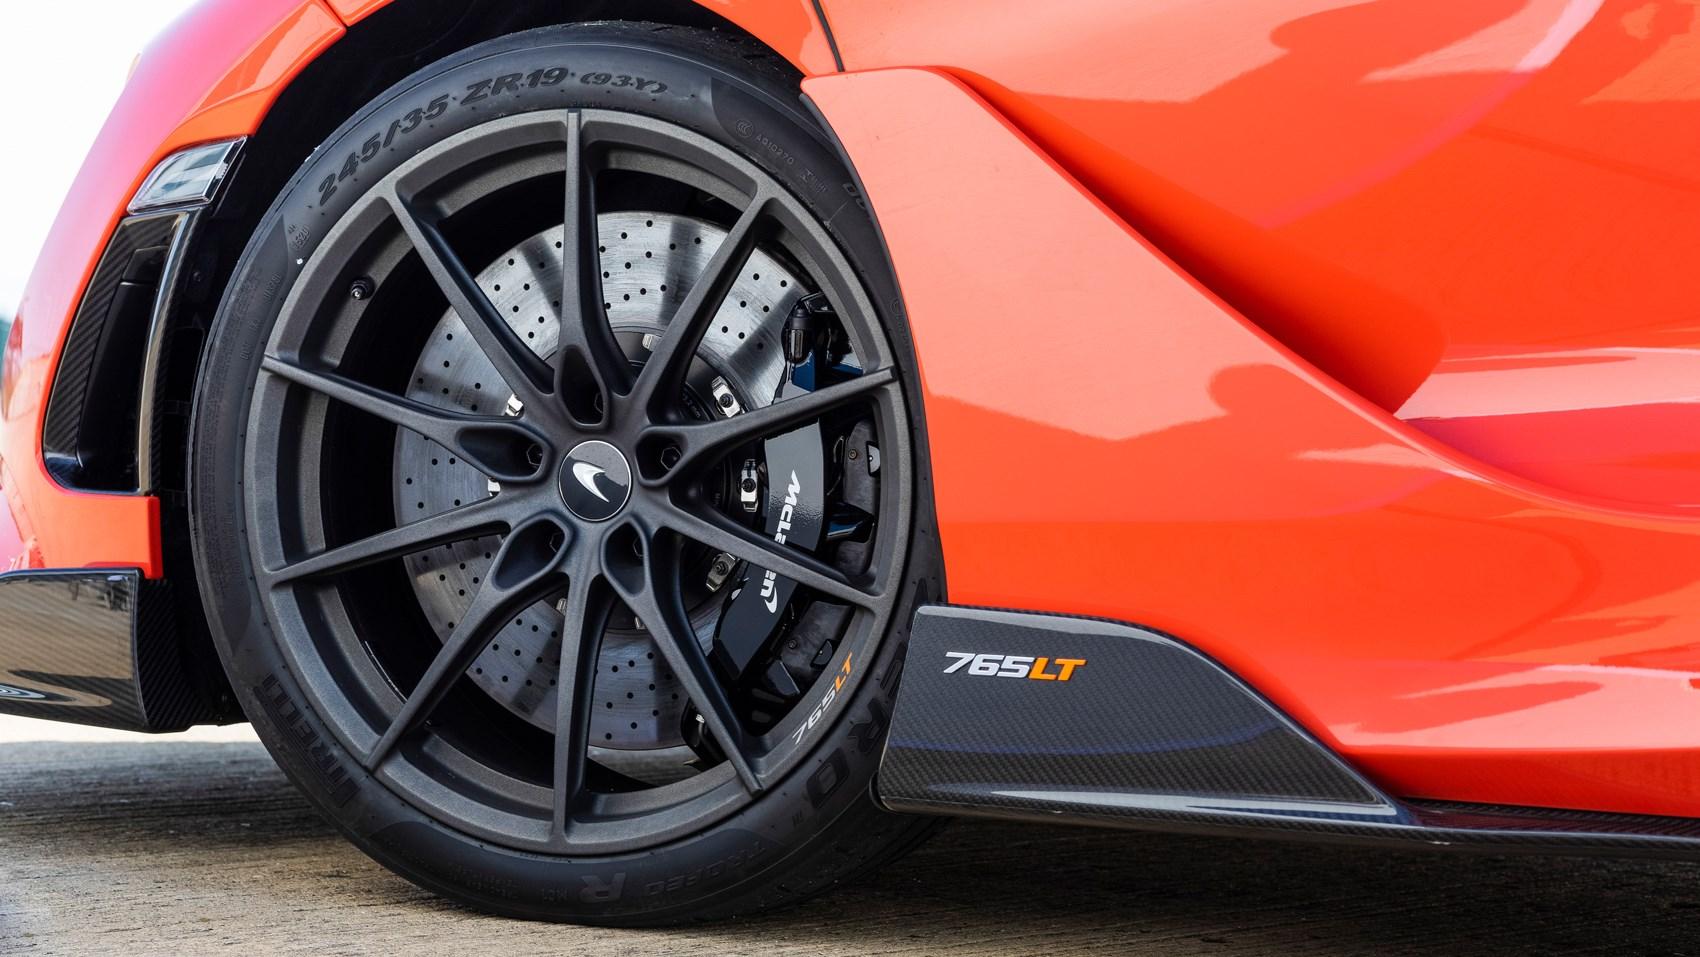 765lt wheel